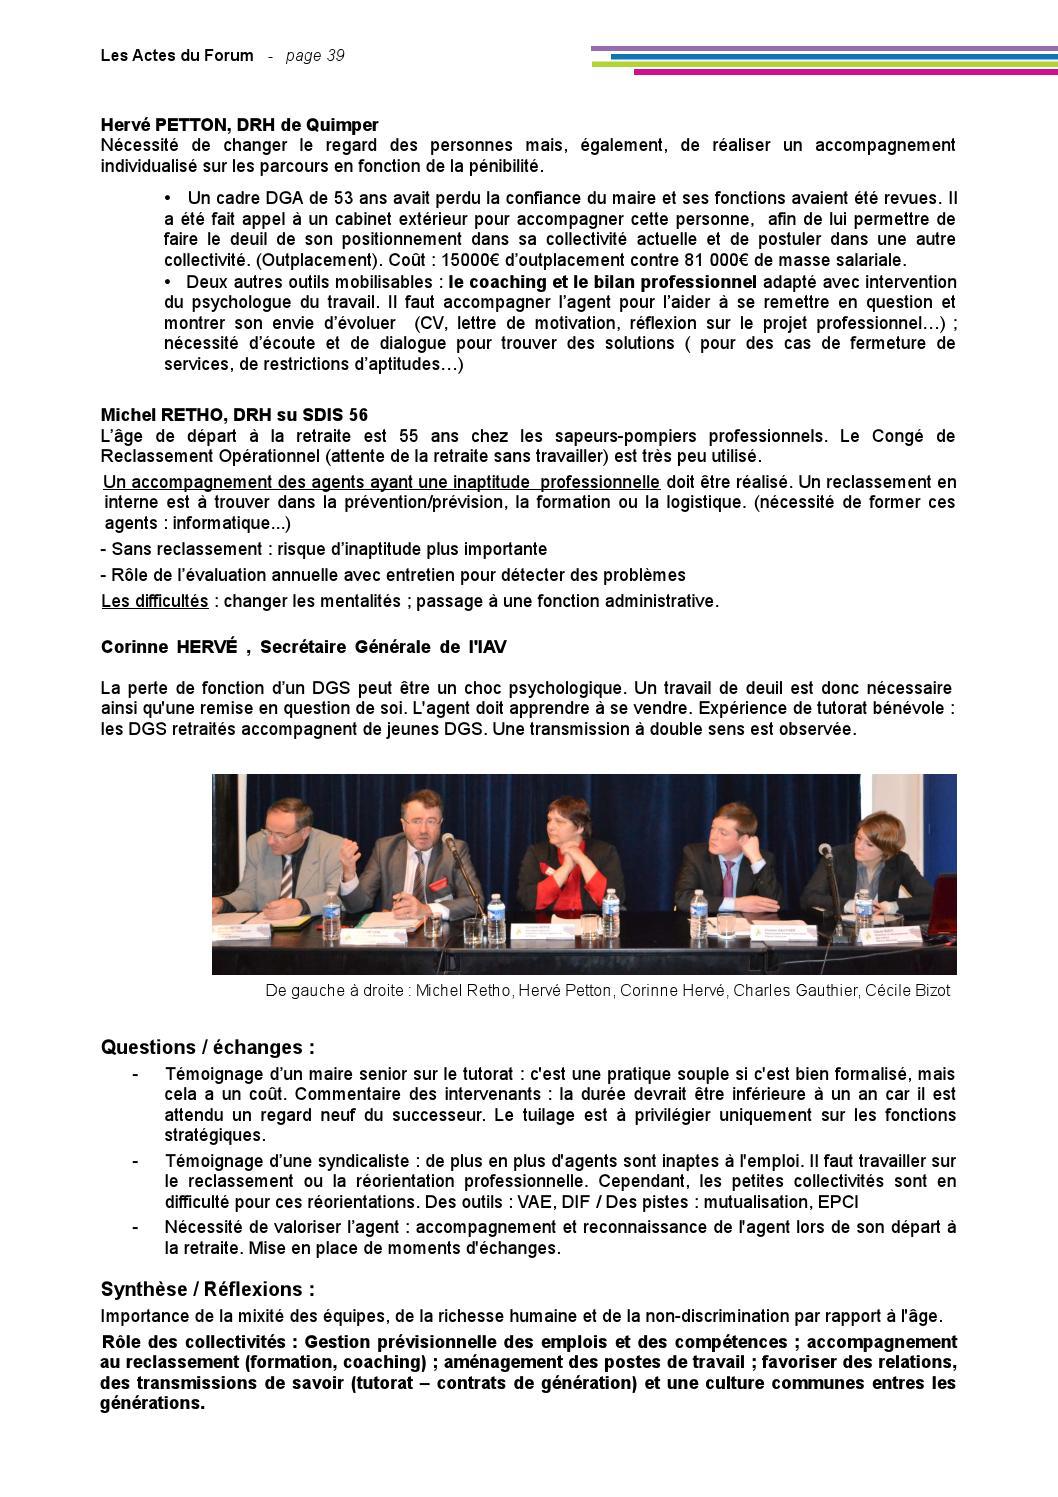 les actes du forum by cdg 35